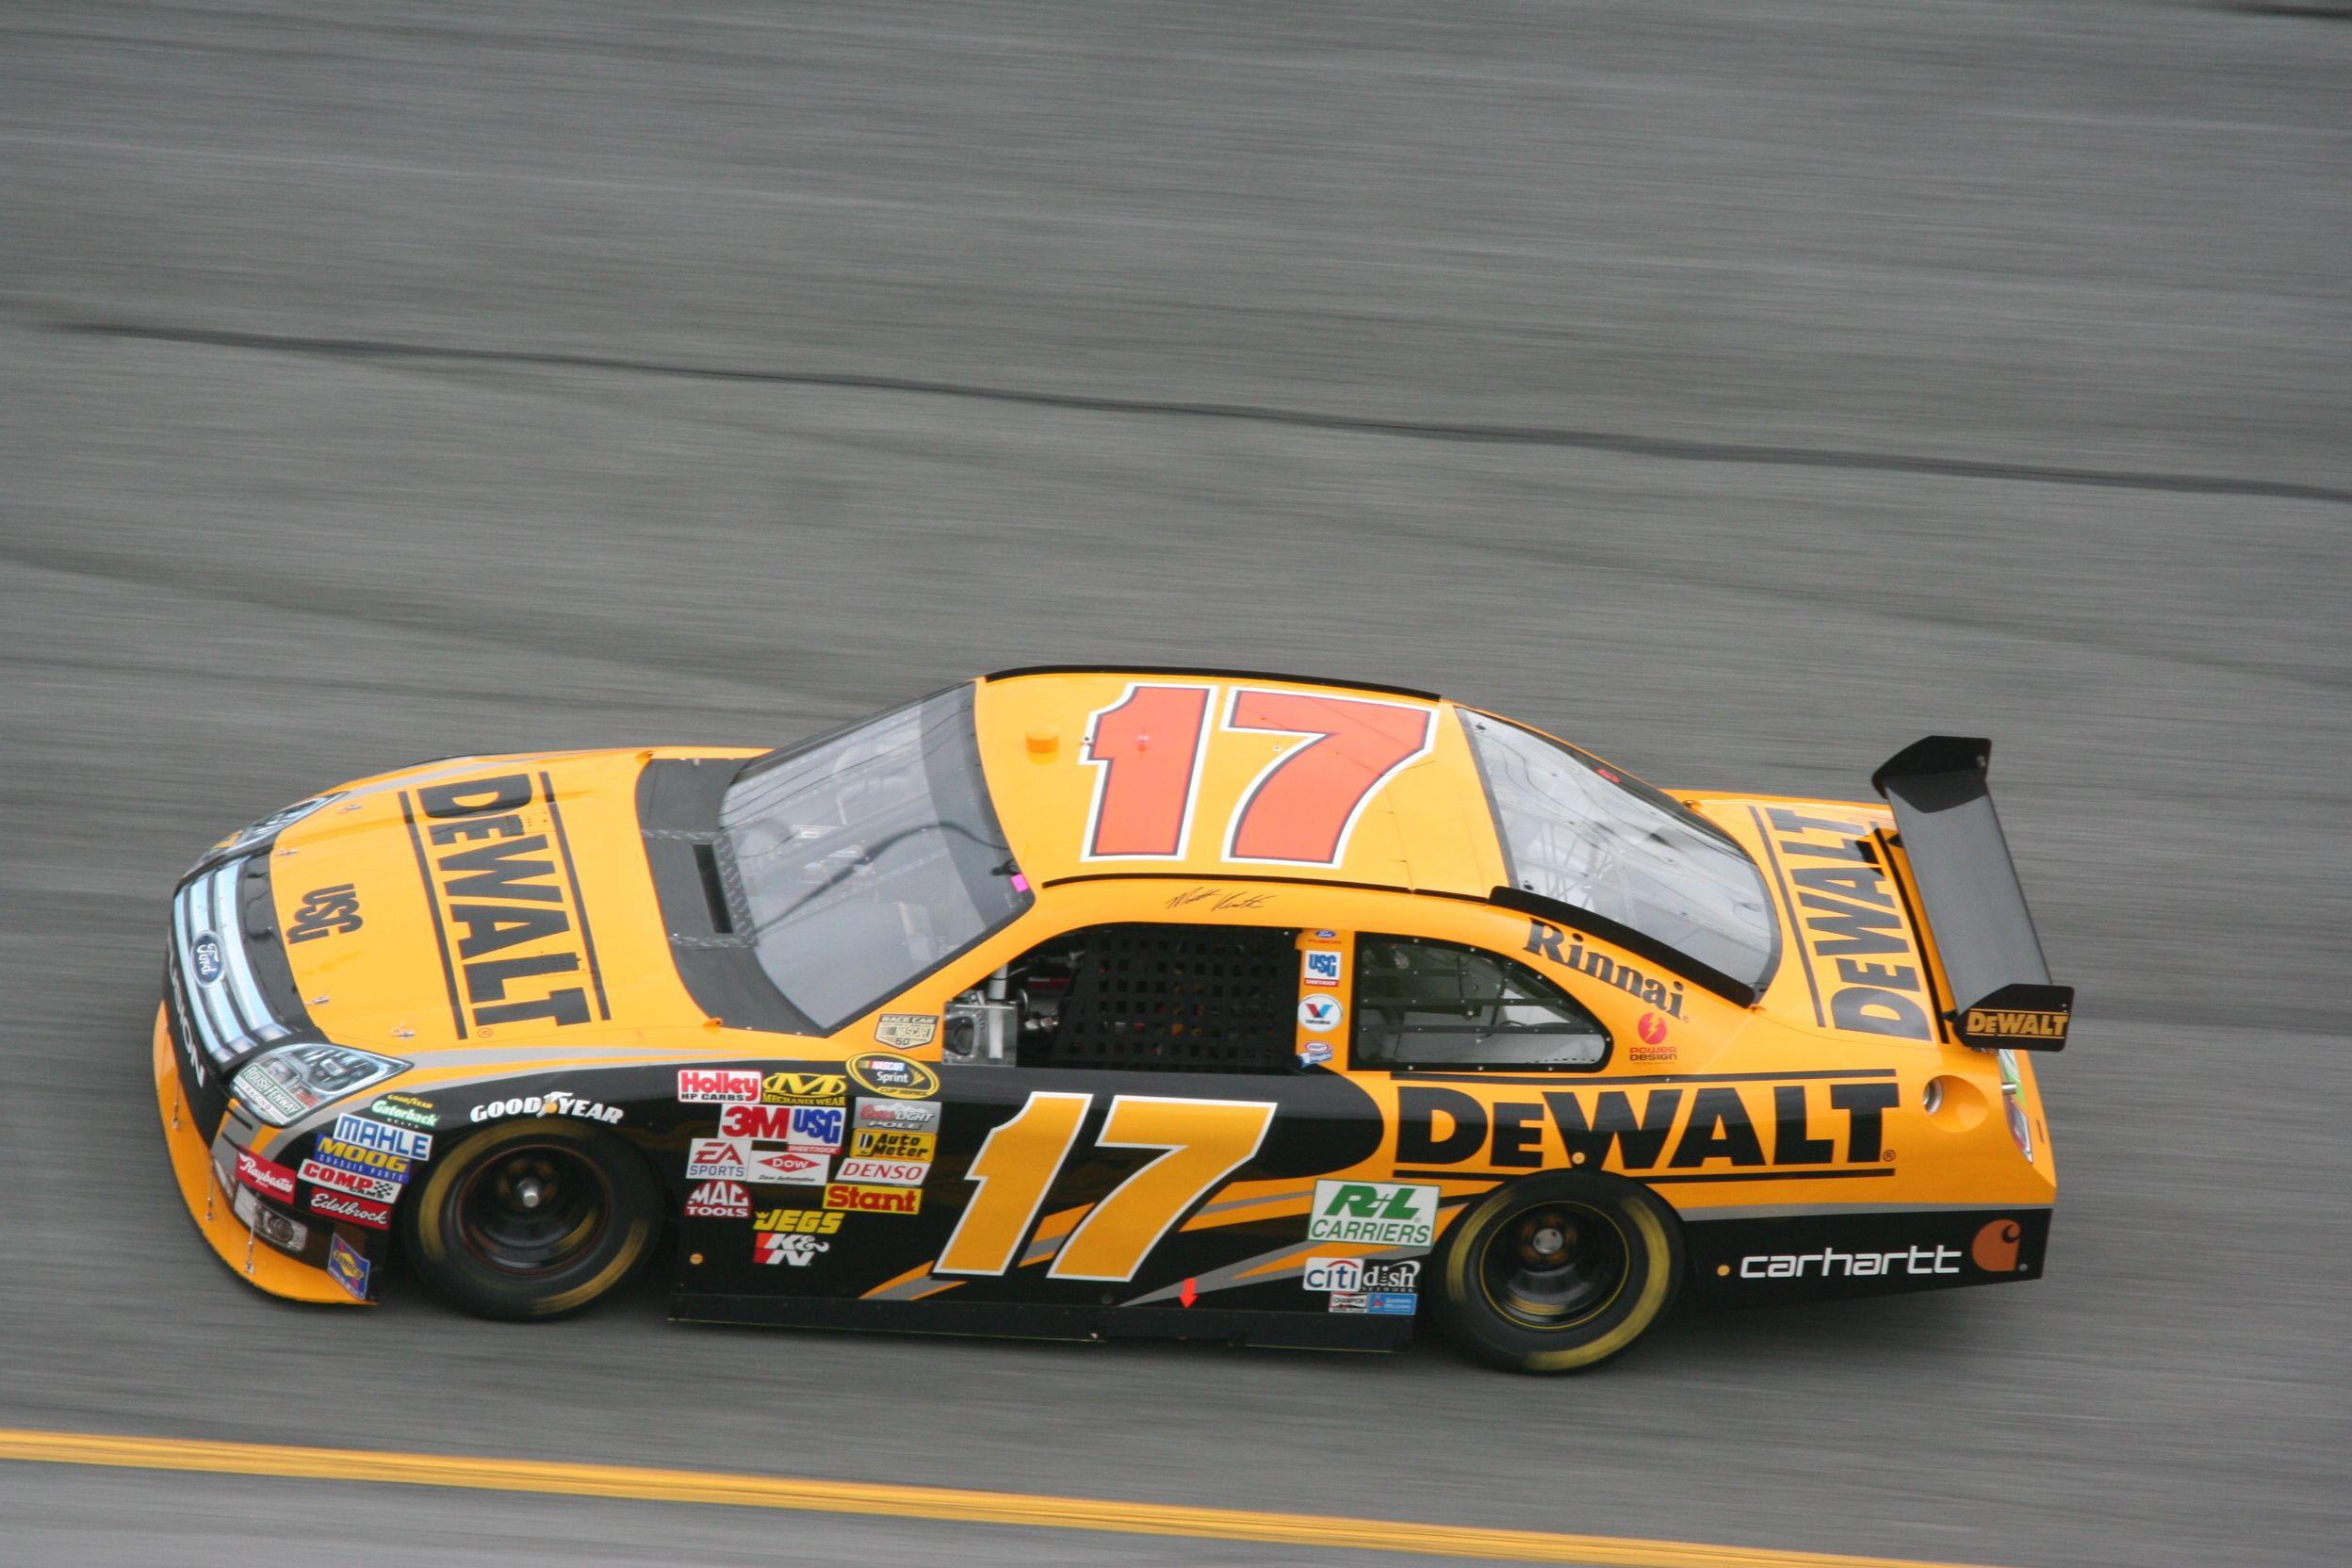 Dewalt With Images Nascar Racing